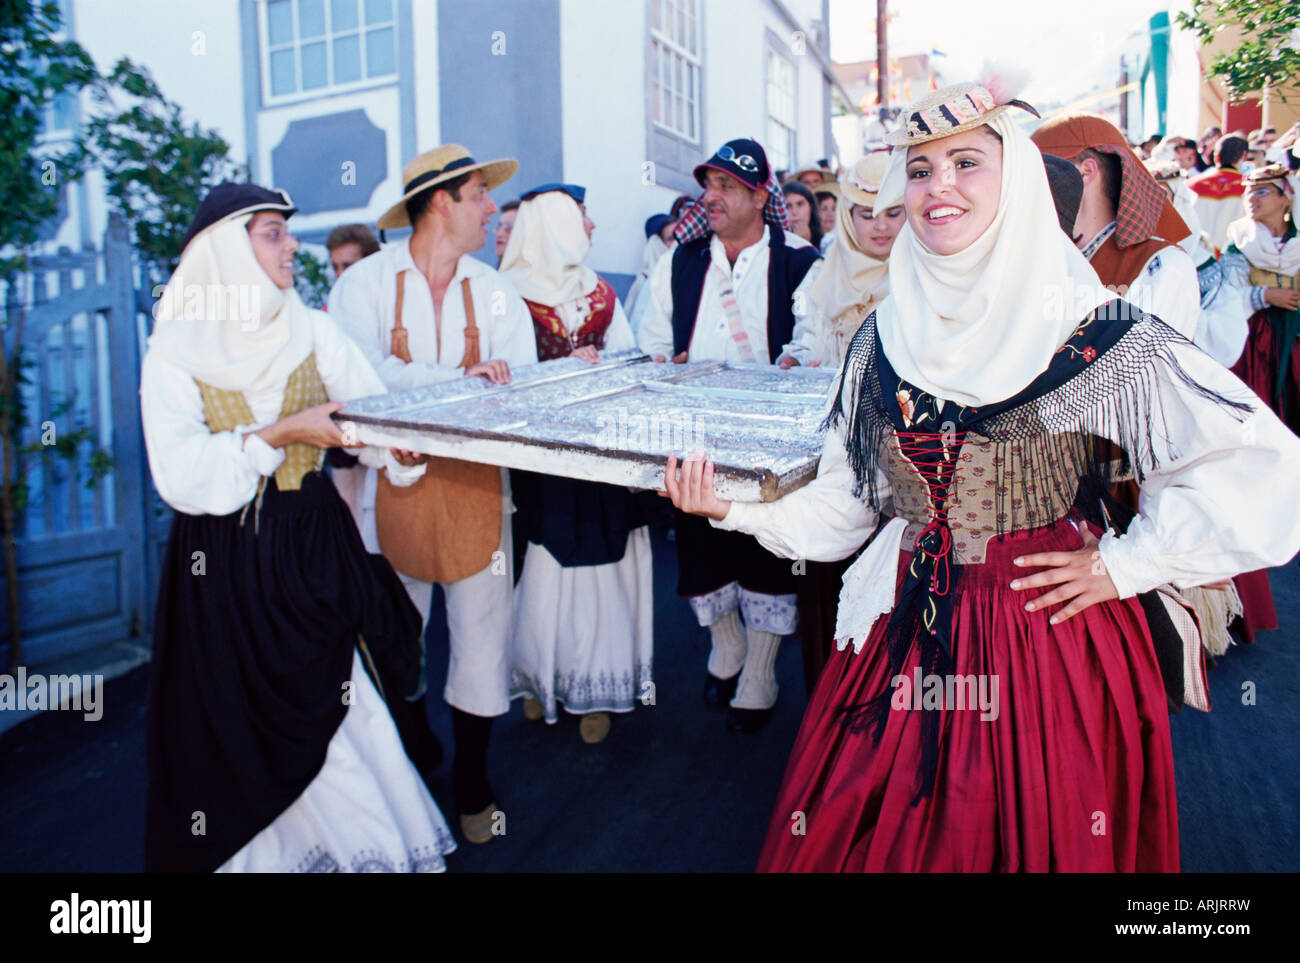 La discesa della Madonna delle Nevi fiesta, Santa Cruz de la Palma la Palma Isole Canarie Spagna Immagini Stock